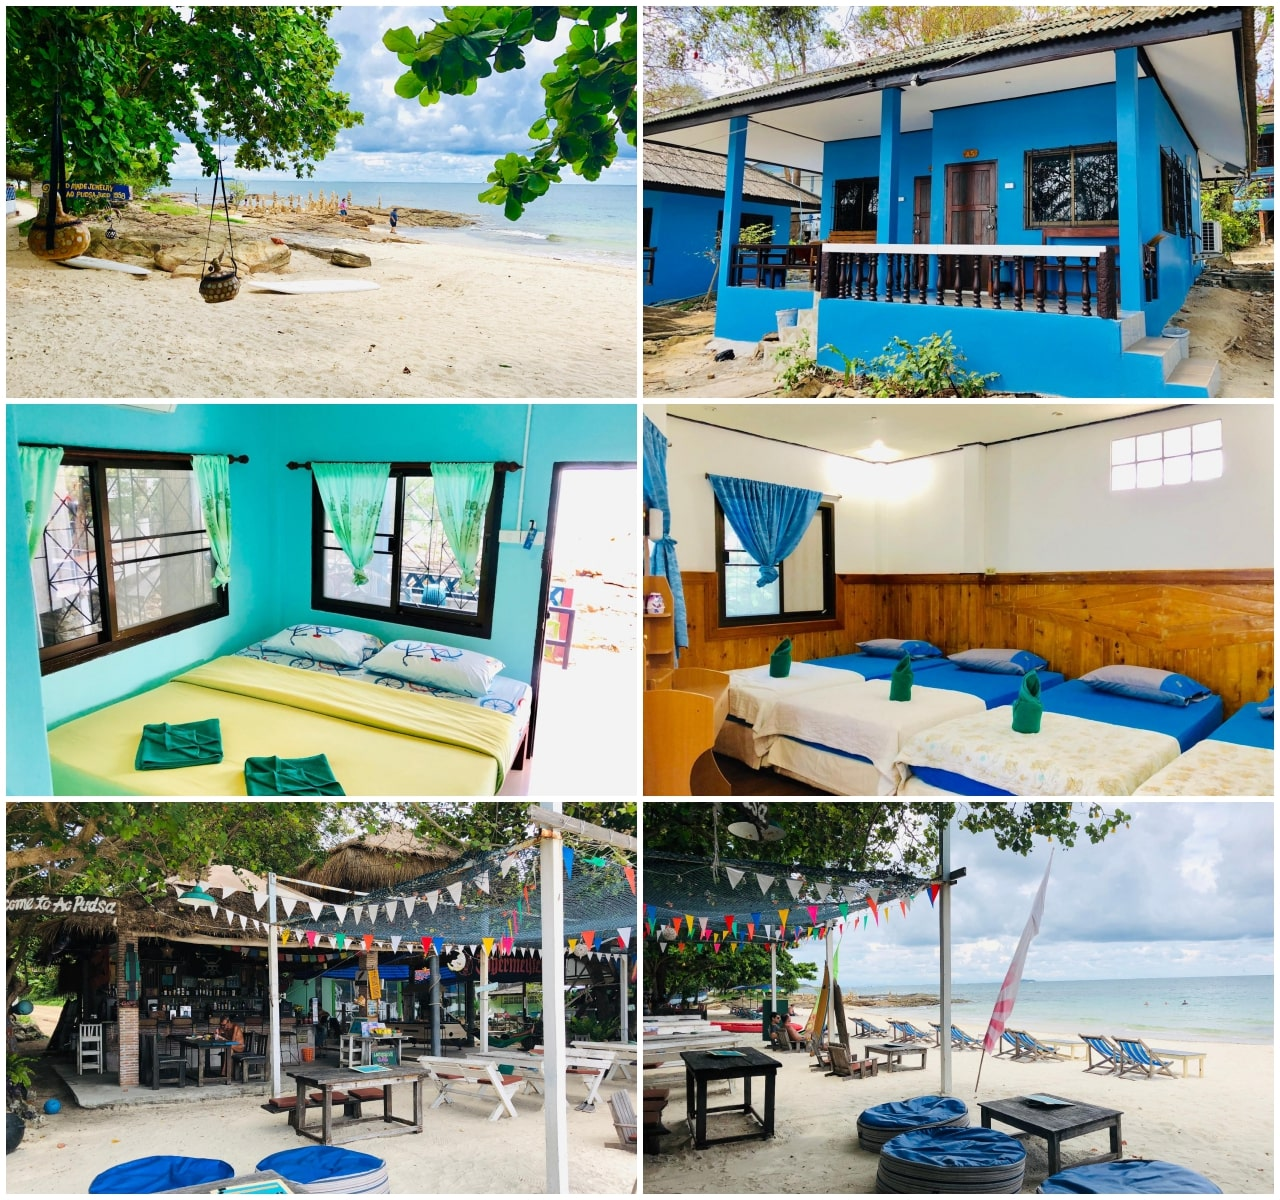 รีวิว!! 8 ที่พักเกาะเสม็ดติดทะเล ราคาถูก ตื่นมาวิ่งลงหาดได้เลย